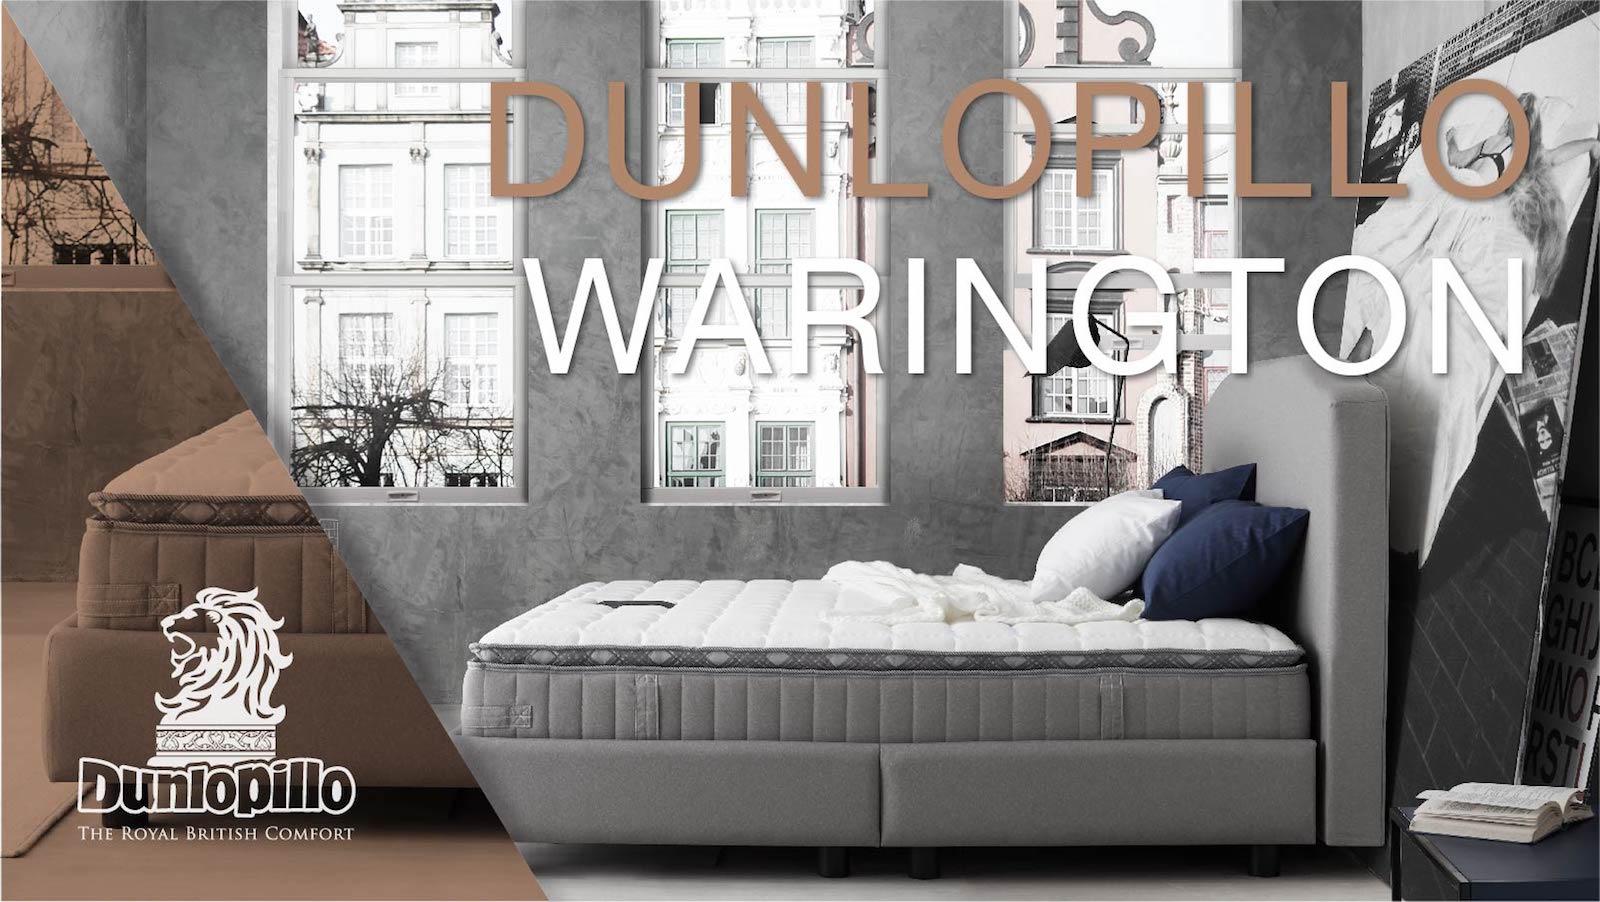 ที่นอน Dunlopillo รุ่น Warrington